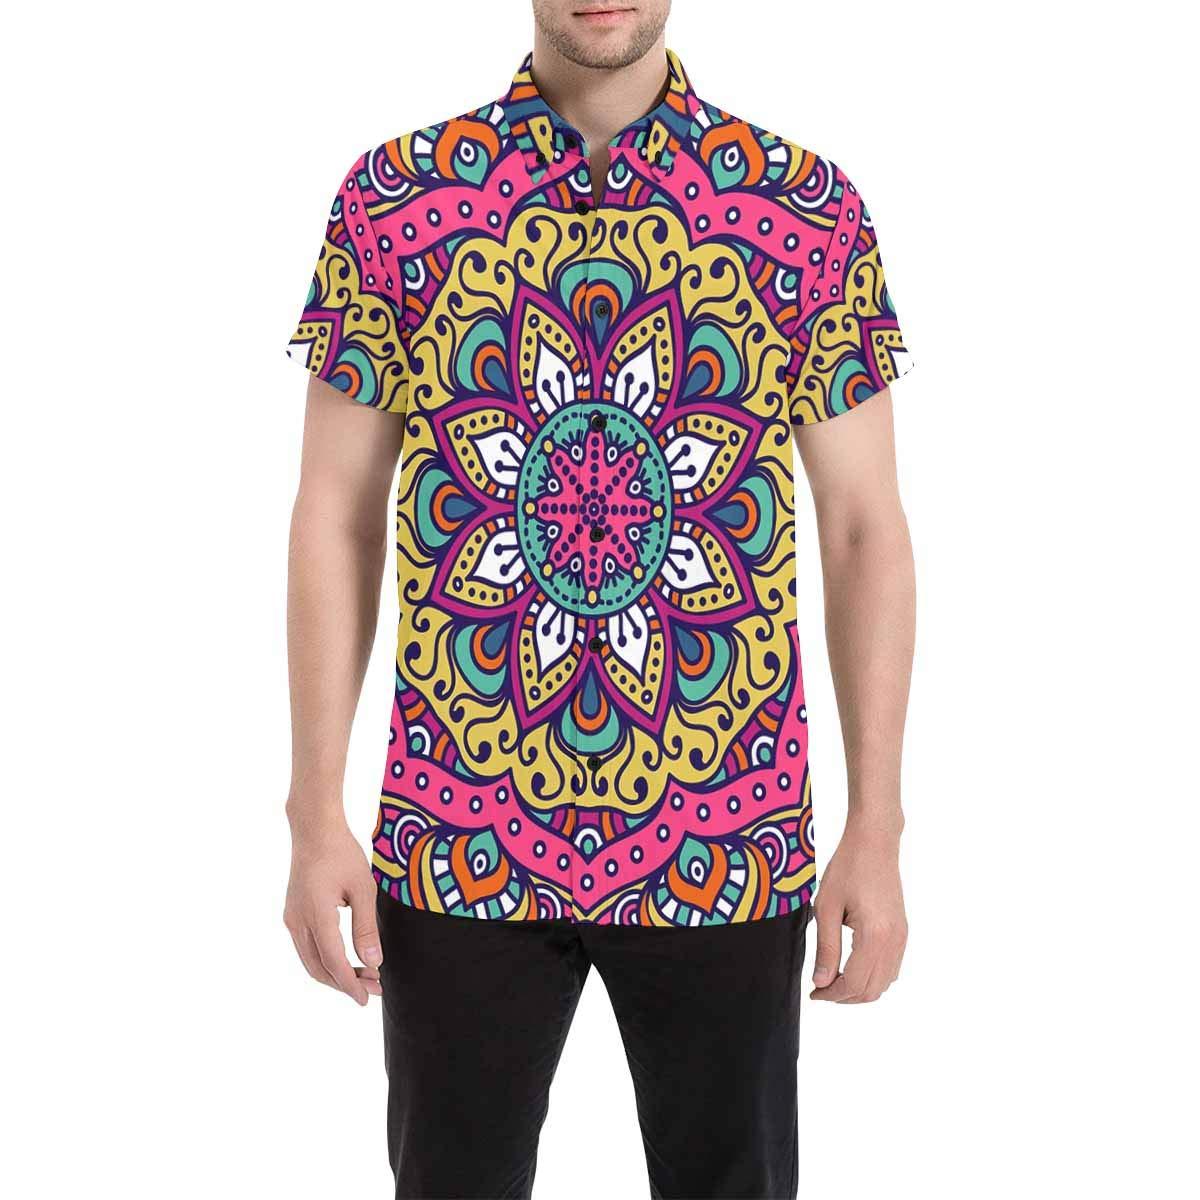 InterestPrint Mandala Ottoman Motifs Short Sleeve Button Down Casual Shirt for Men